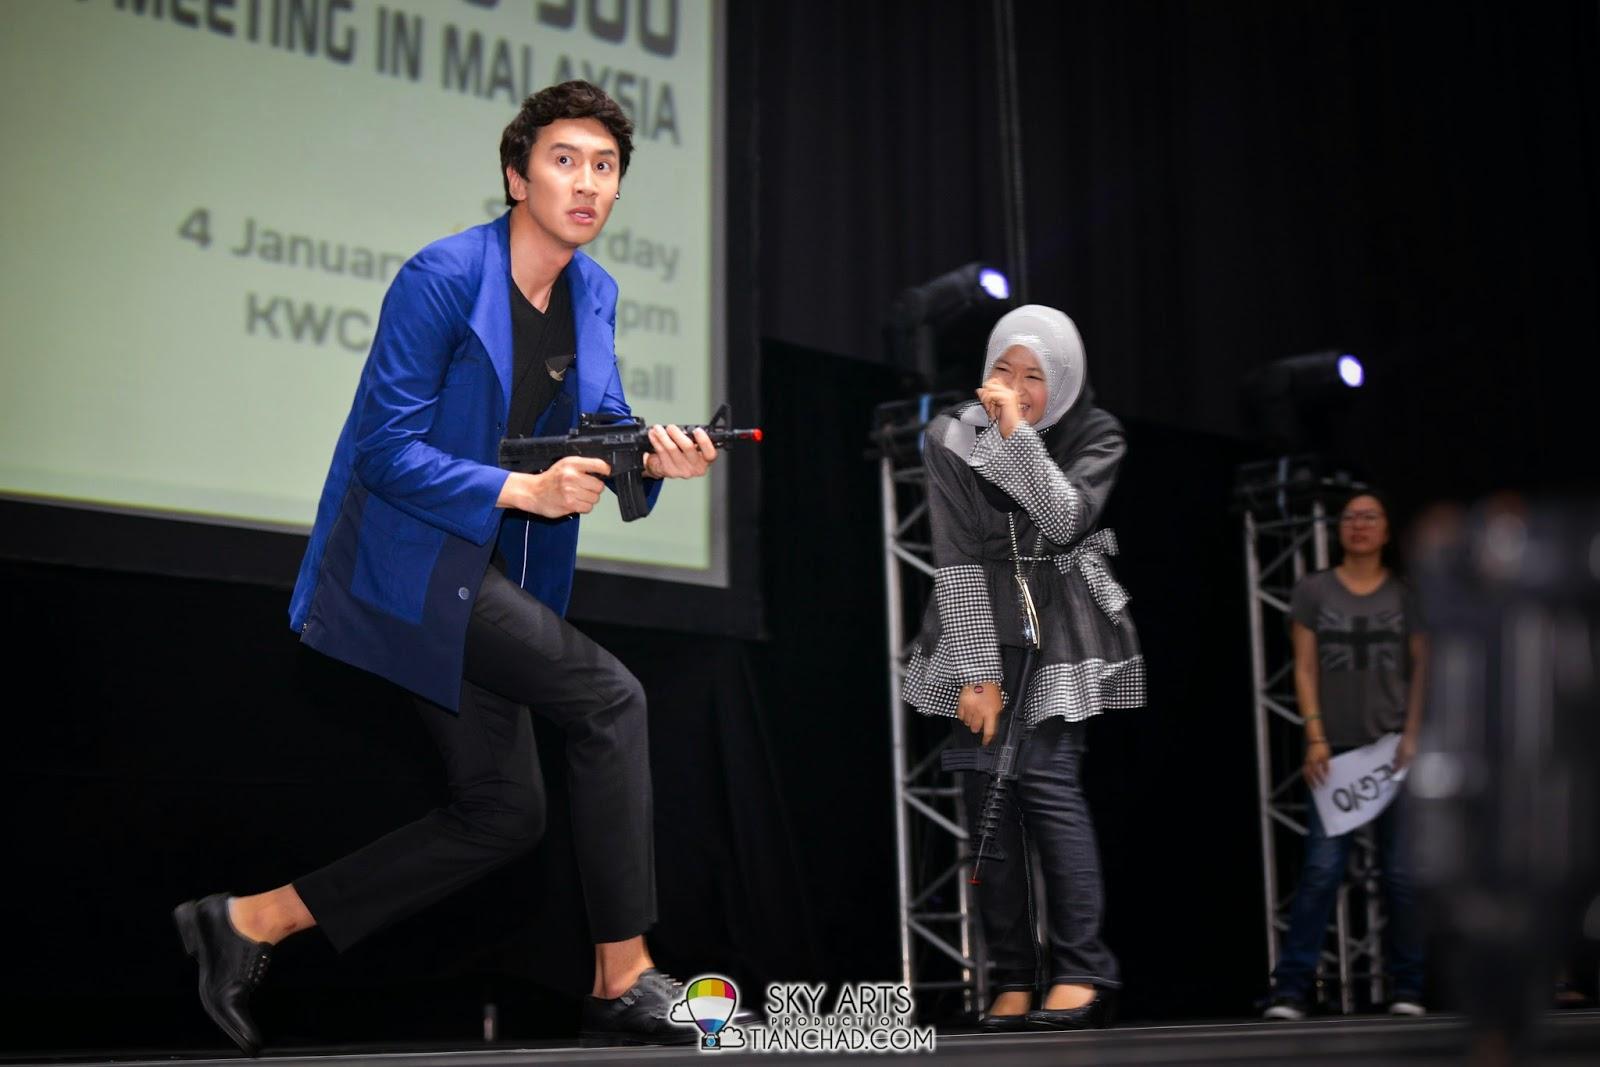 lee_kwang_soo_fan_meeting_malaysia.jpg